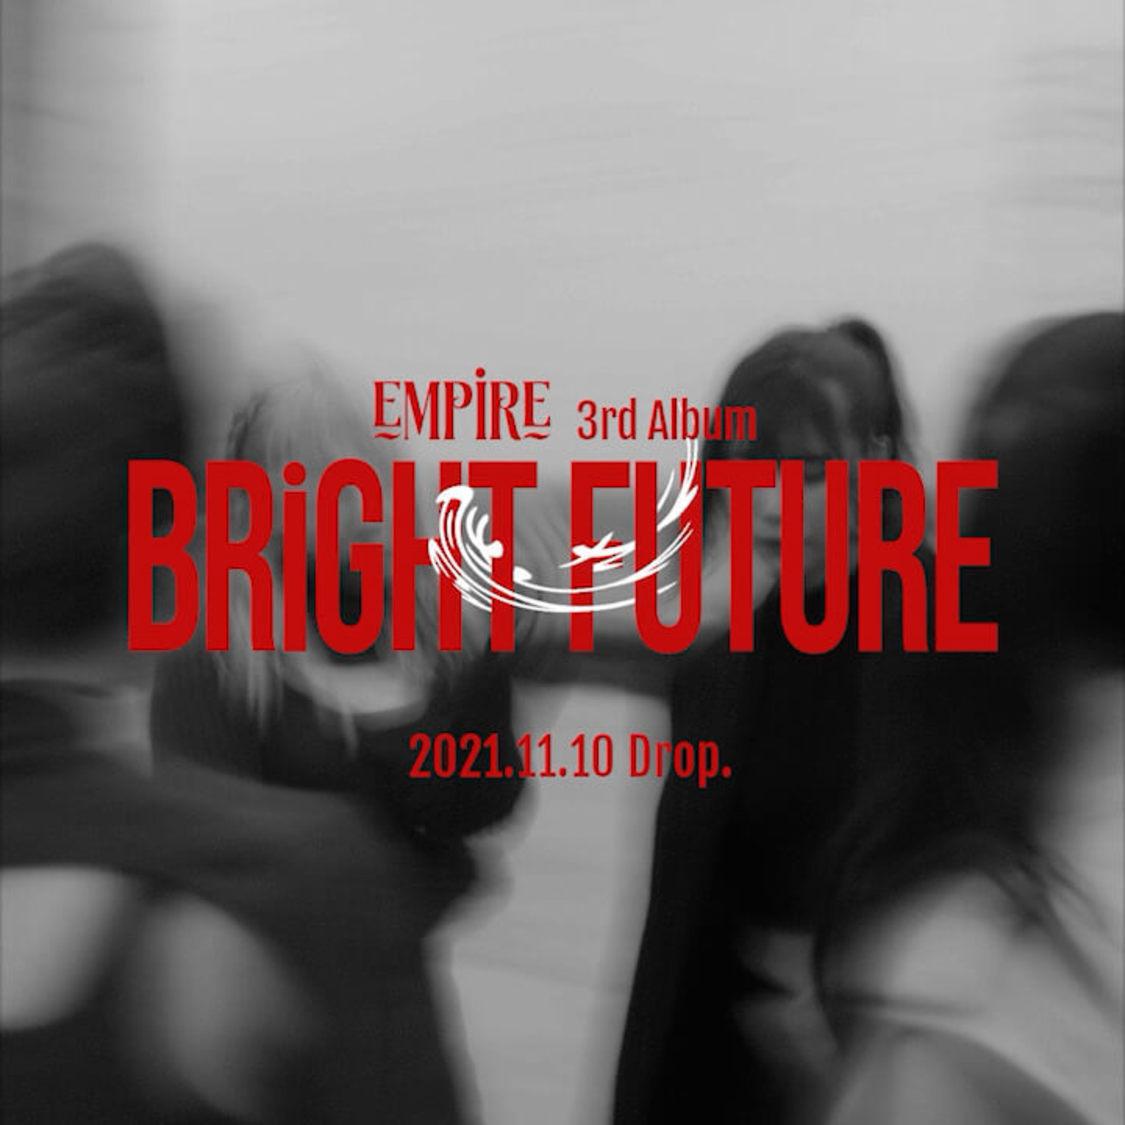 EMPiRE、約2年ぶりとなるAL『BRiGHT FUTURE』リリース決定!